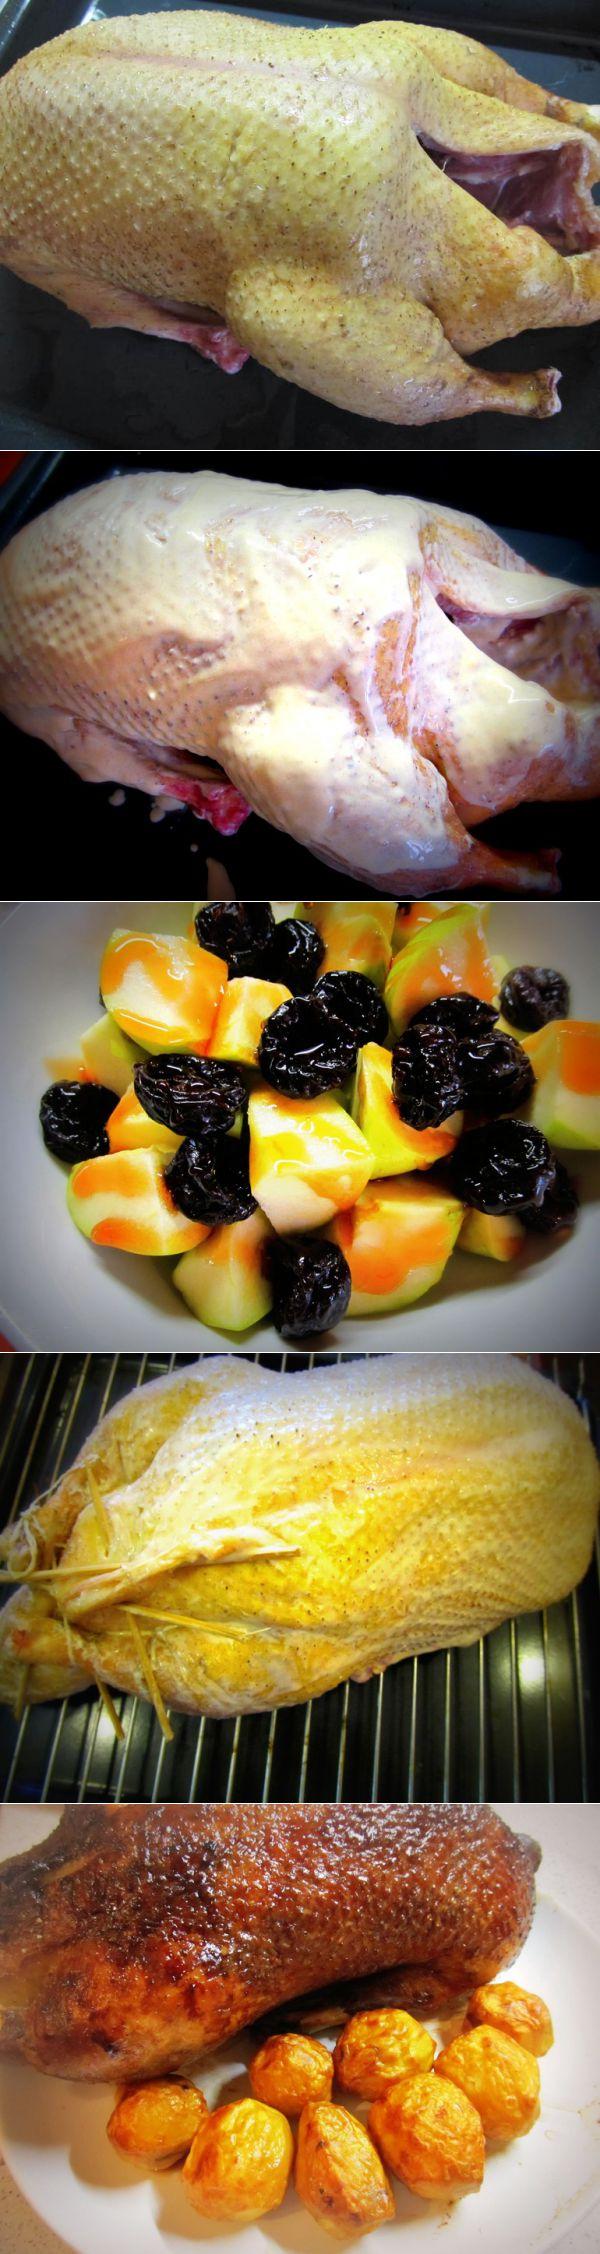 Гусь с яблоками запеченный в духовке рецепт пошагово